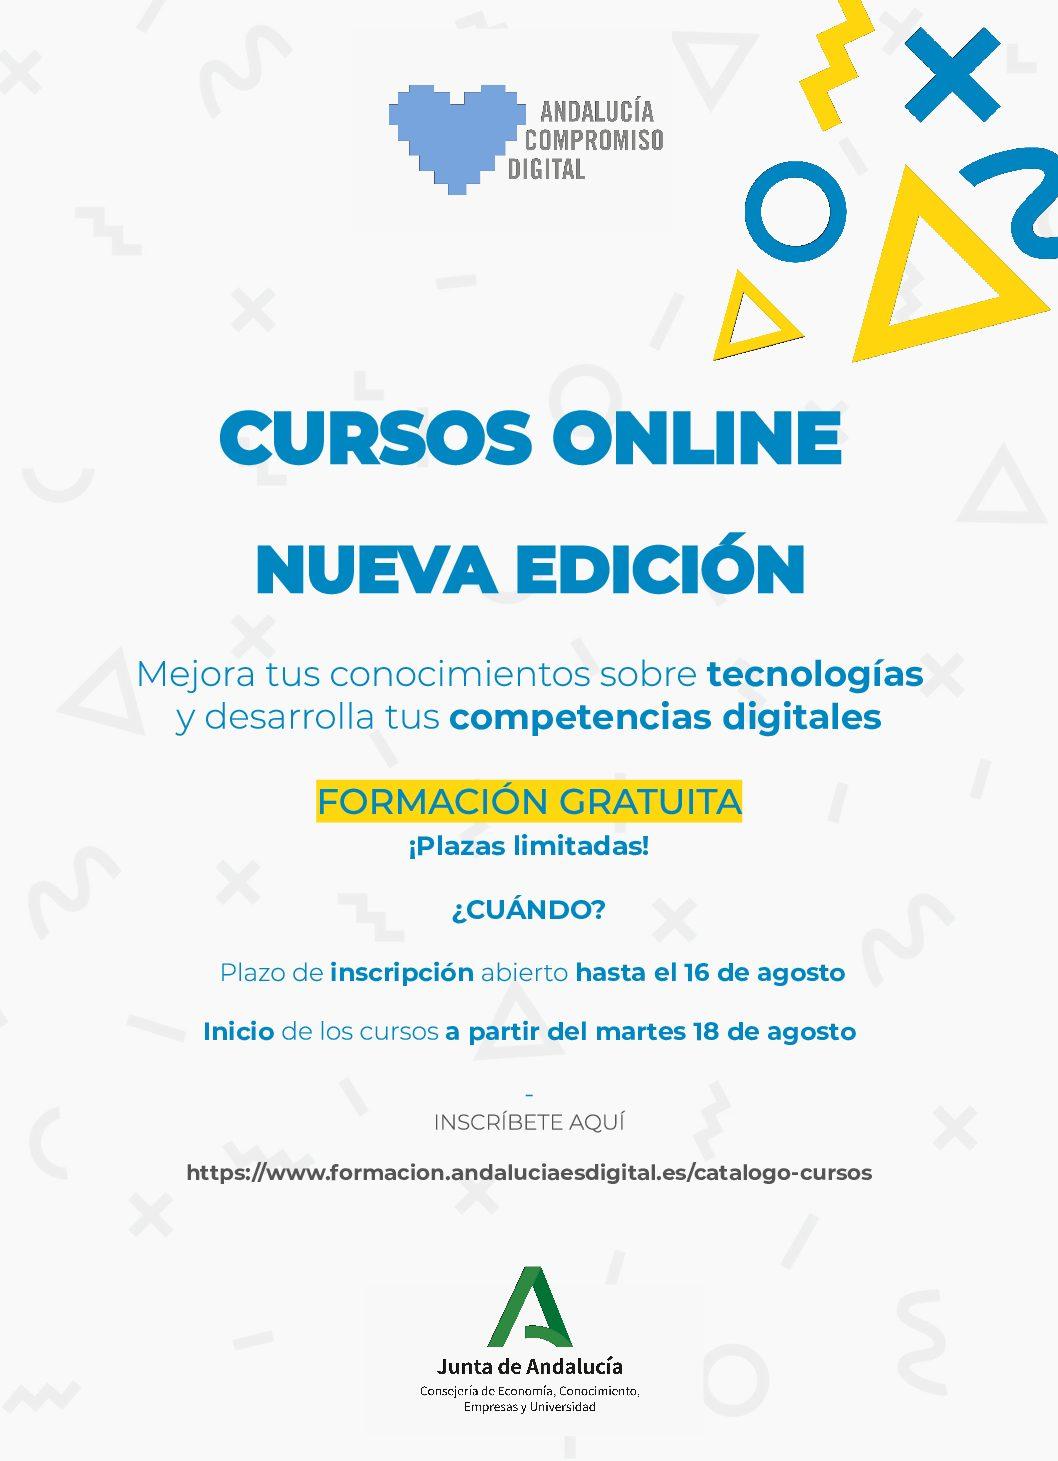 Nuevos Cursos Online Gratuitos